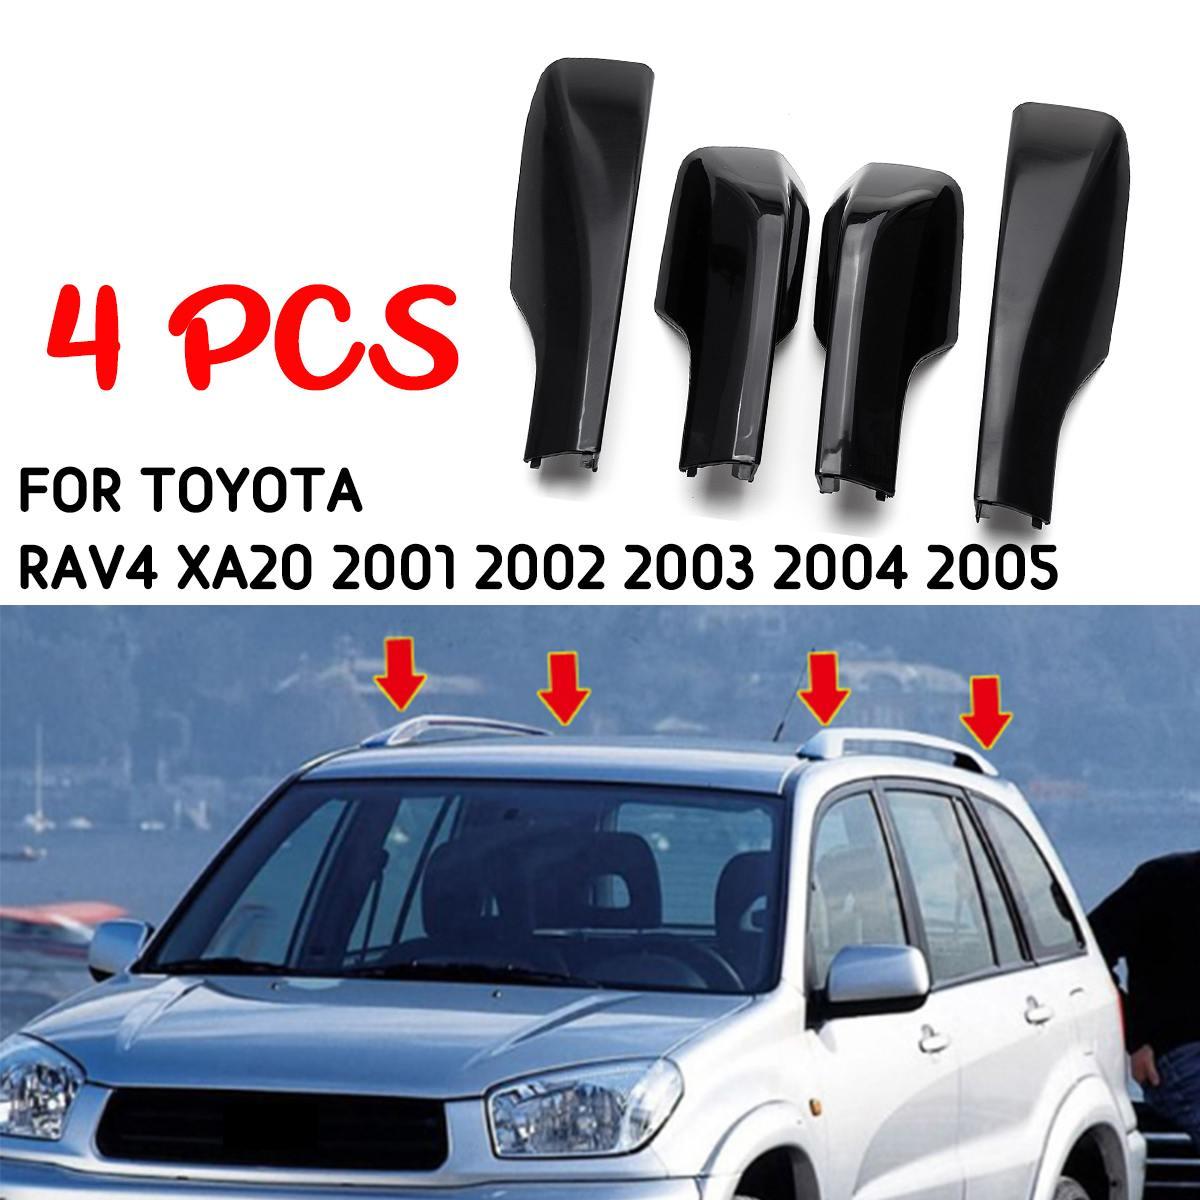 XA20 2001 2002 2003 2004 2005 Estilo